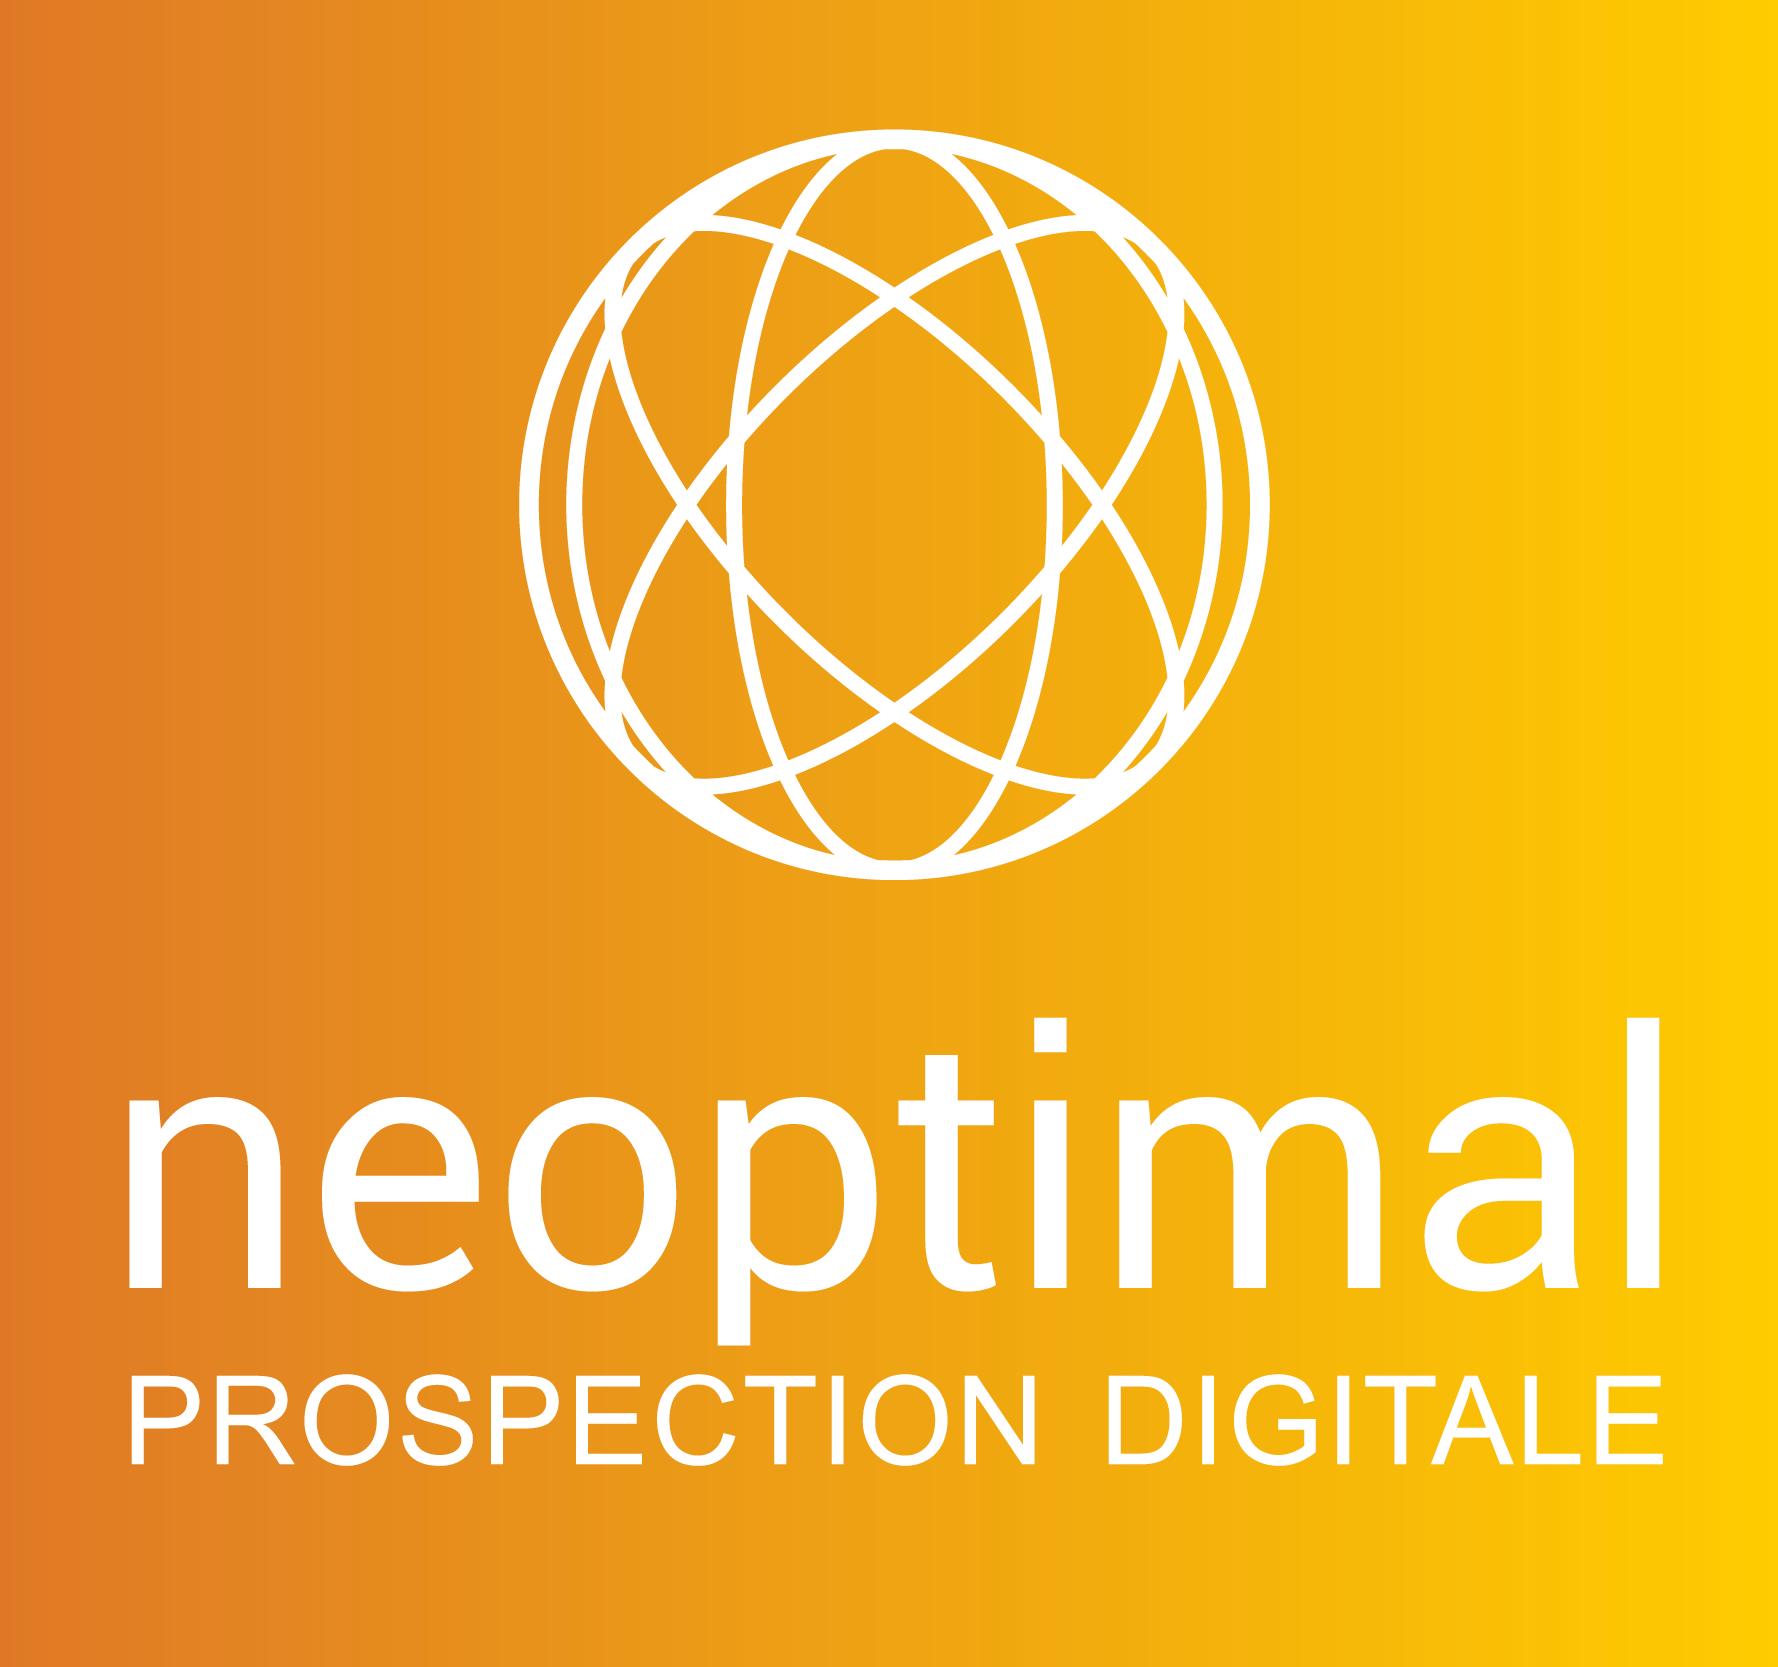 neoptimal_logo-05